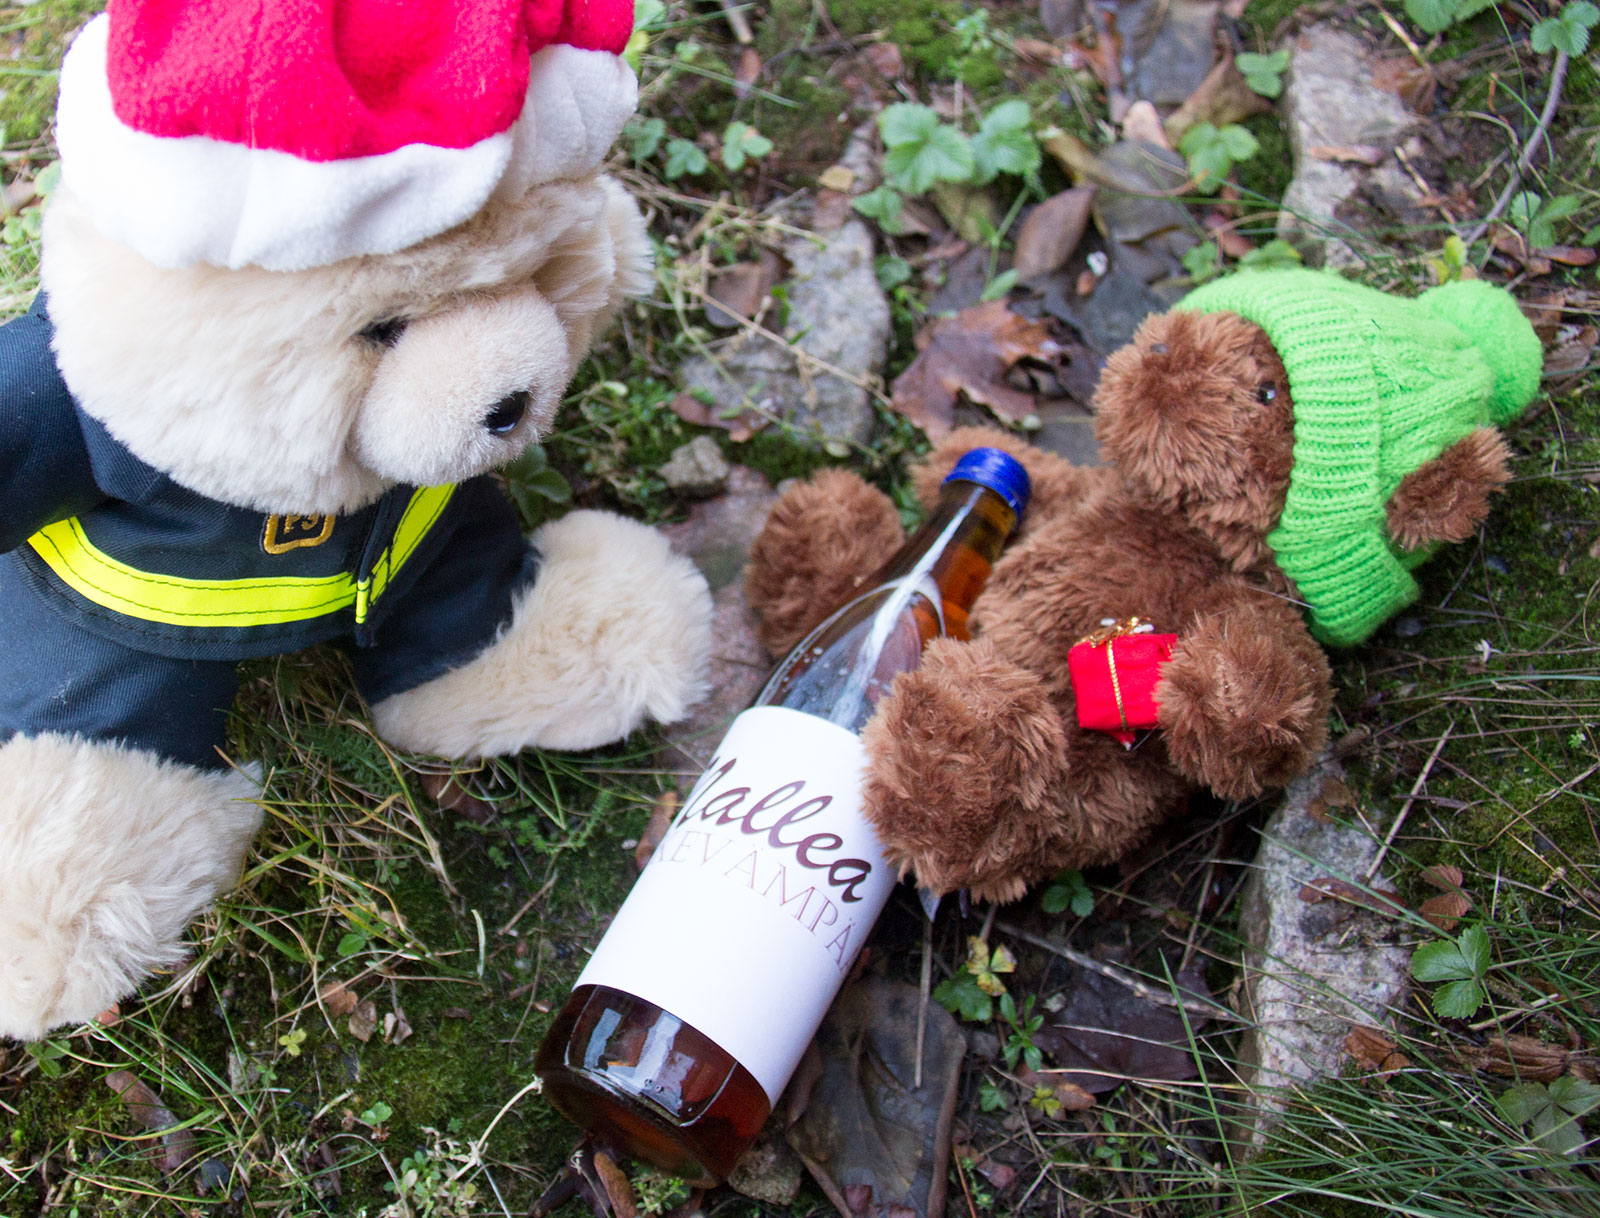 Liikaa viinaa -pöhkö on suuressa vaarassa joutua tapaturman tai väkivallanteon uhriksi.